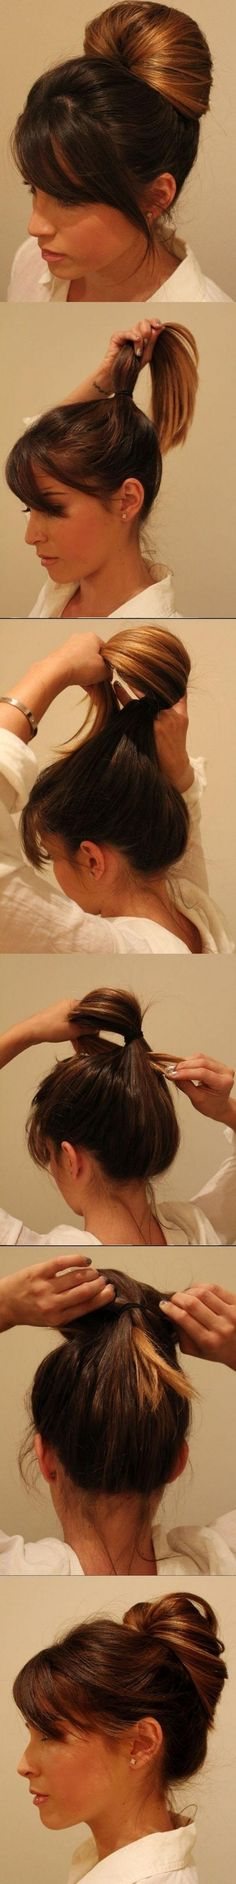 peinado estilo largo con accesorios